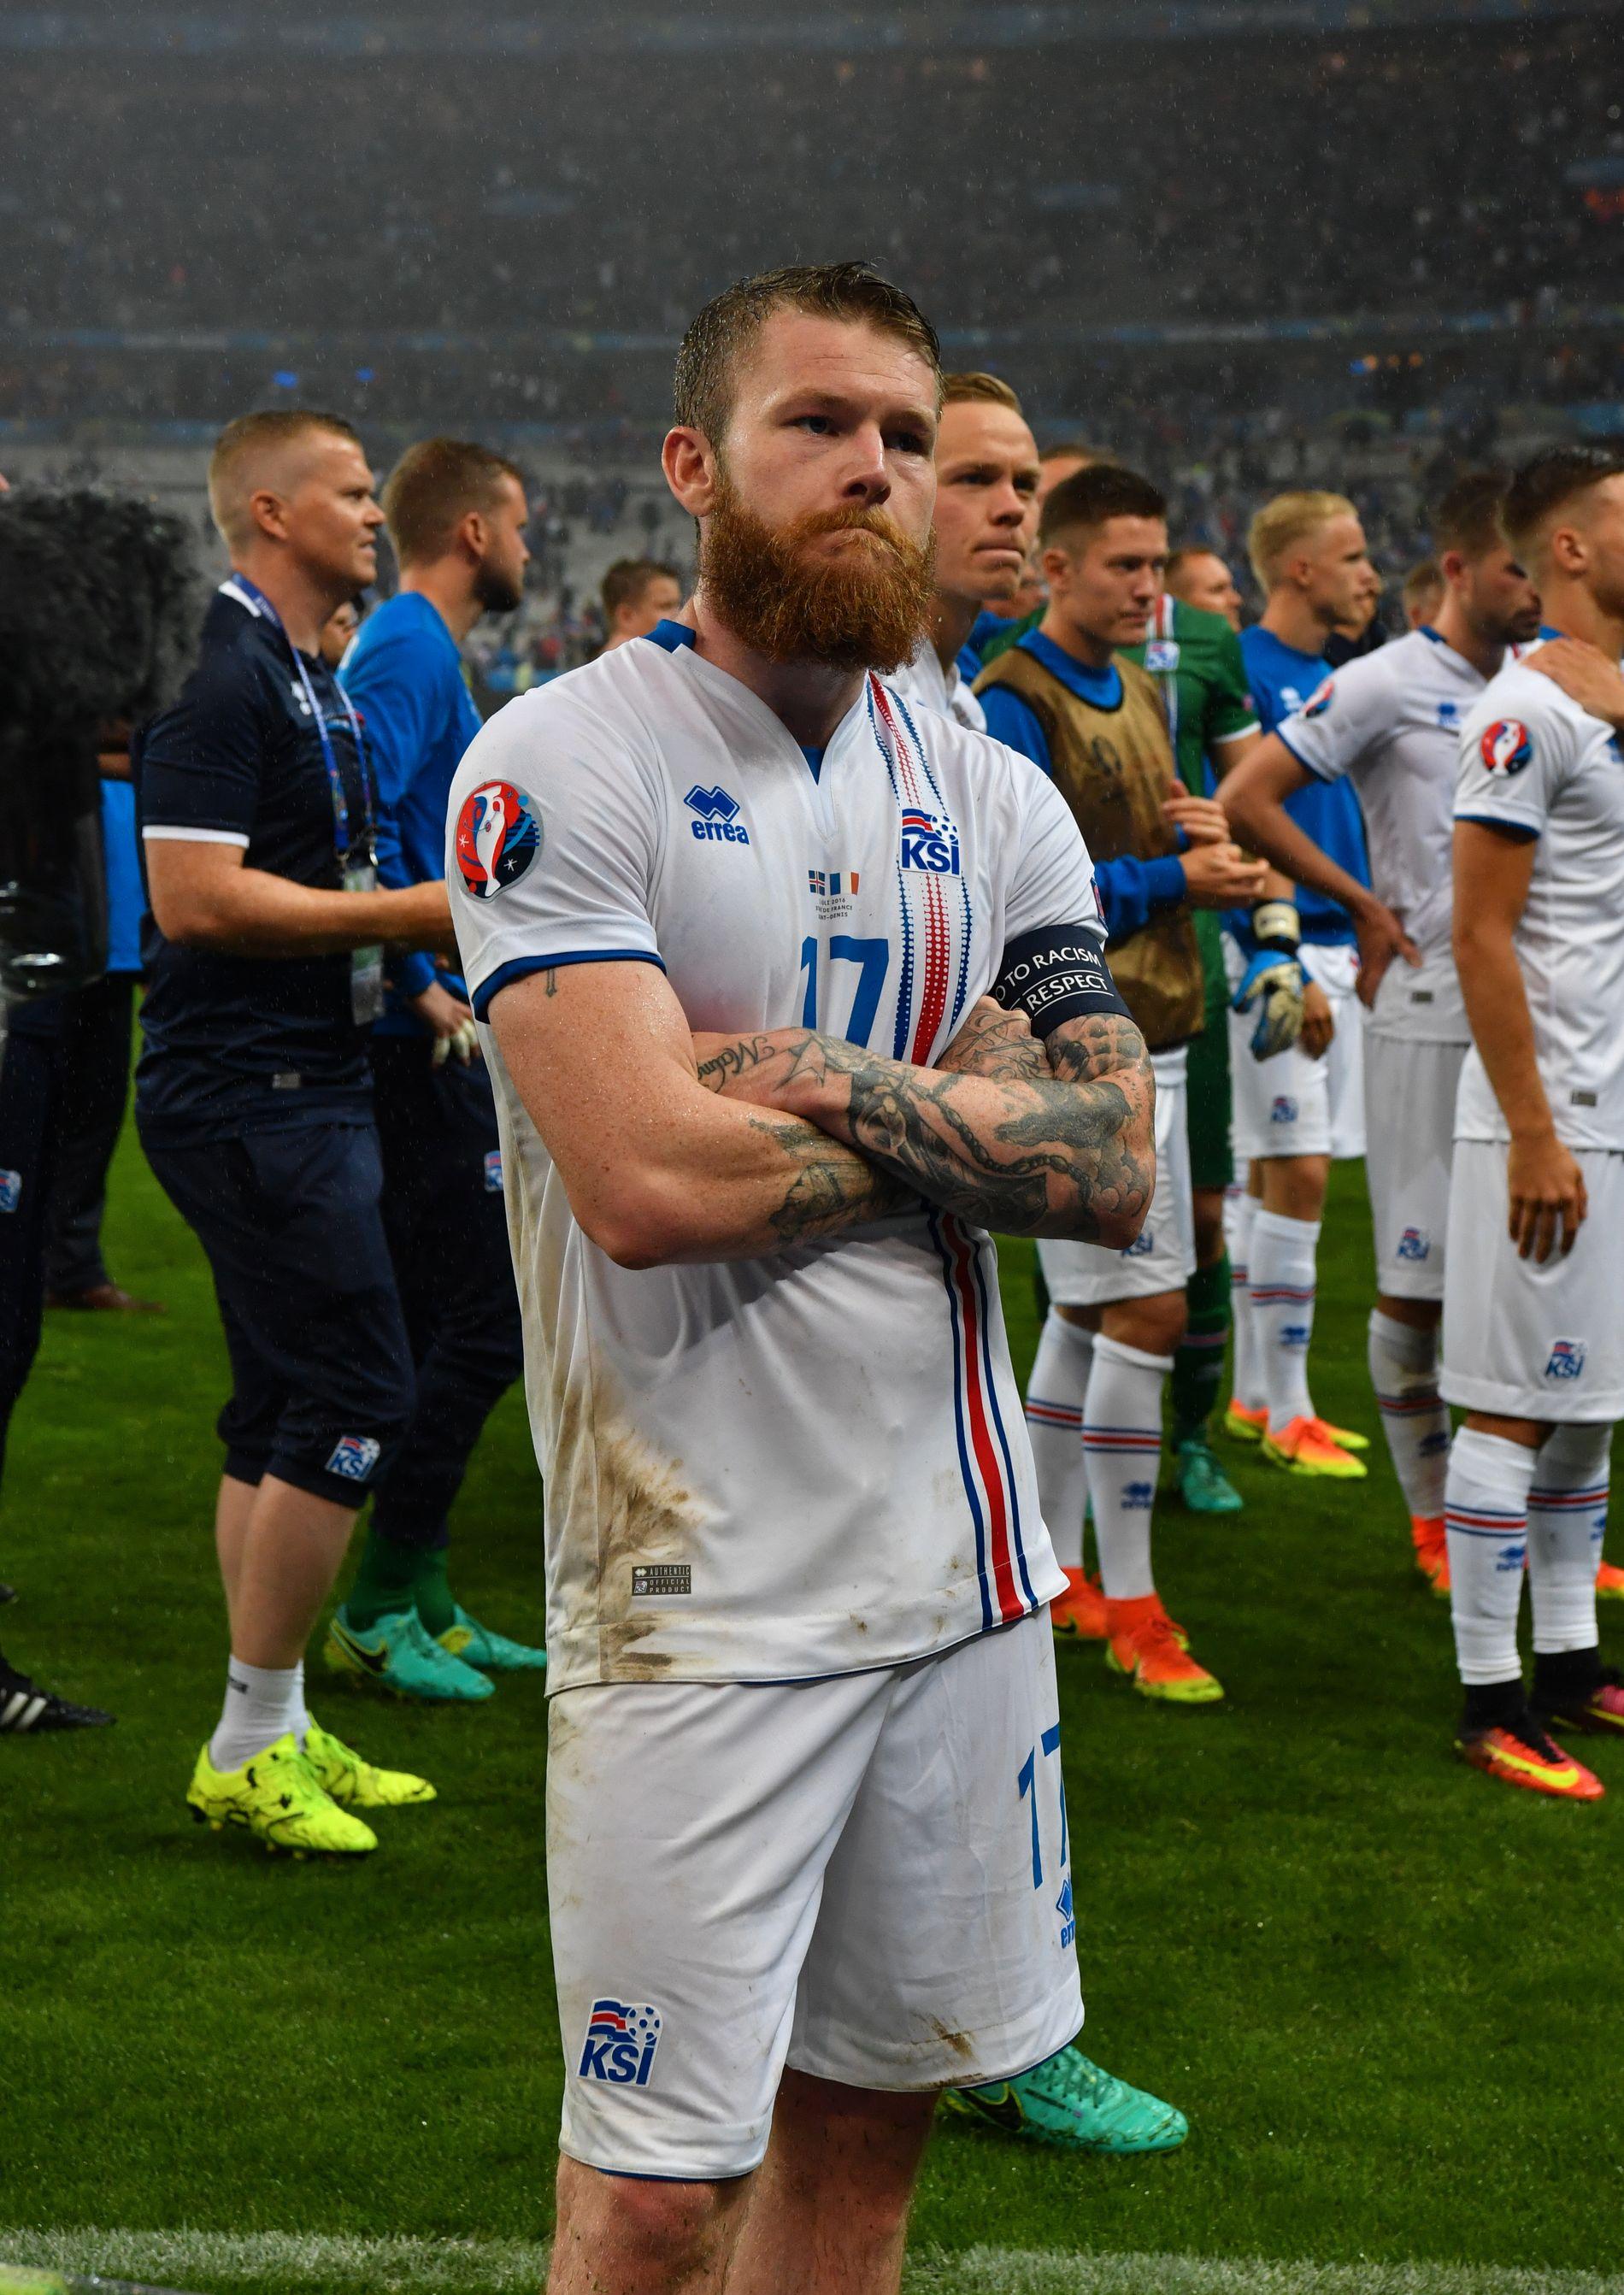 AVSLUTTET MED STIL: En skuffet Aron Gunnarsson står i spissen for de islandske spillerne når de takker supporterne etter kampen.